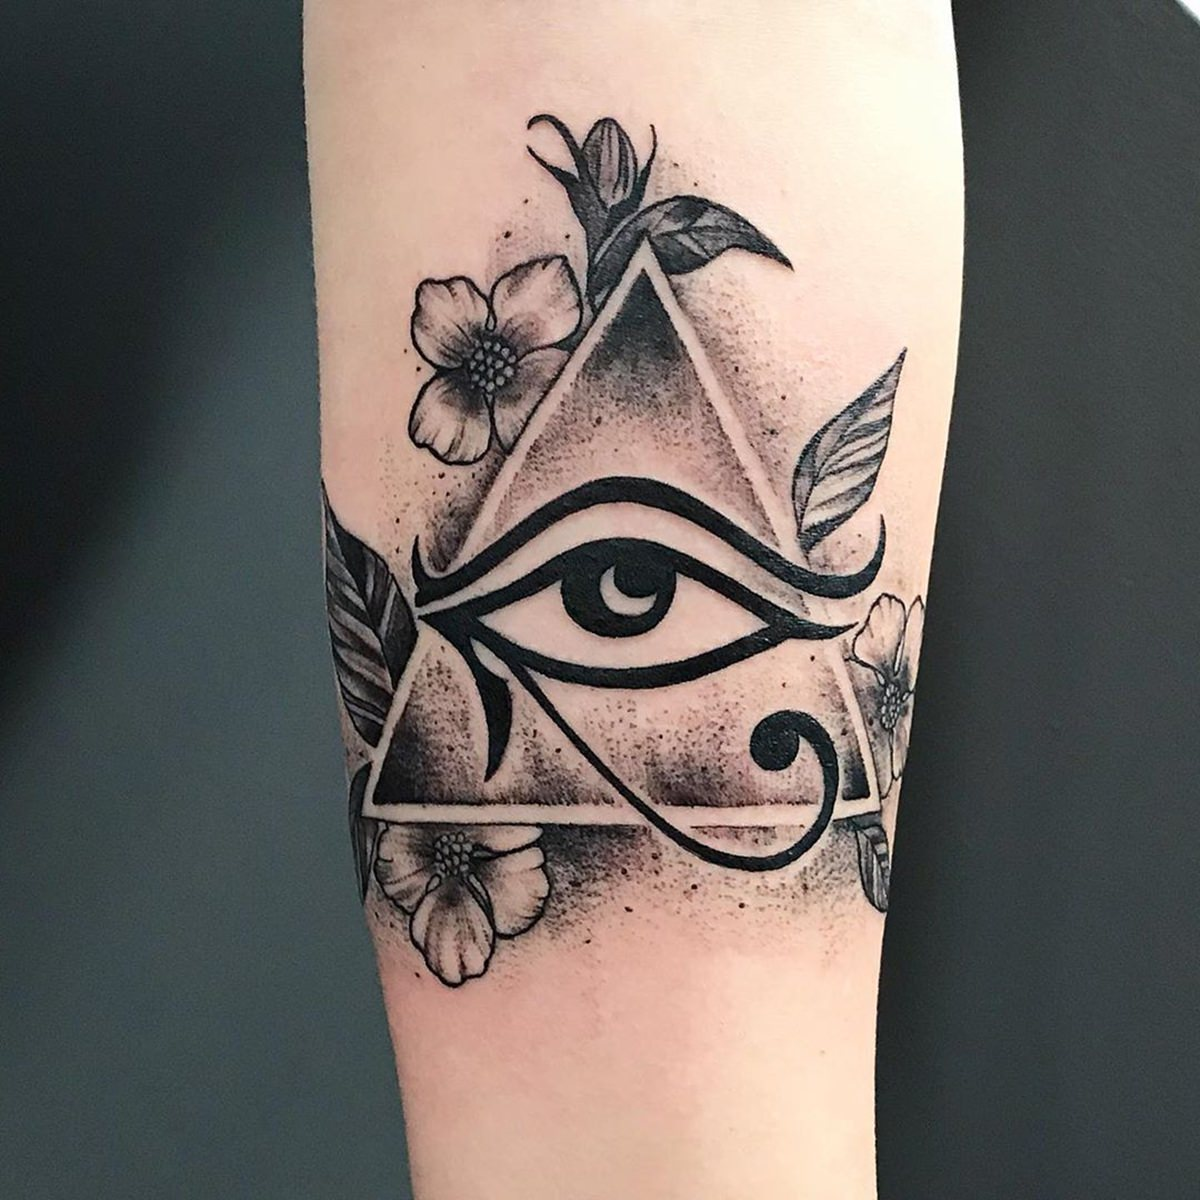 Tatuagem egípcia preta do Olho de Horus